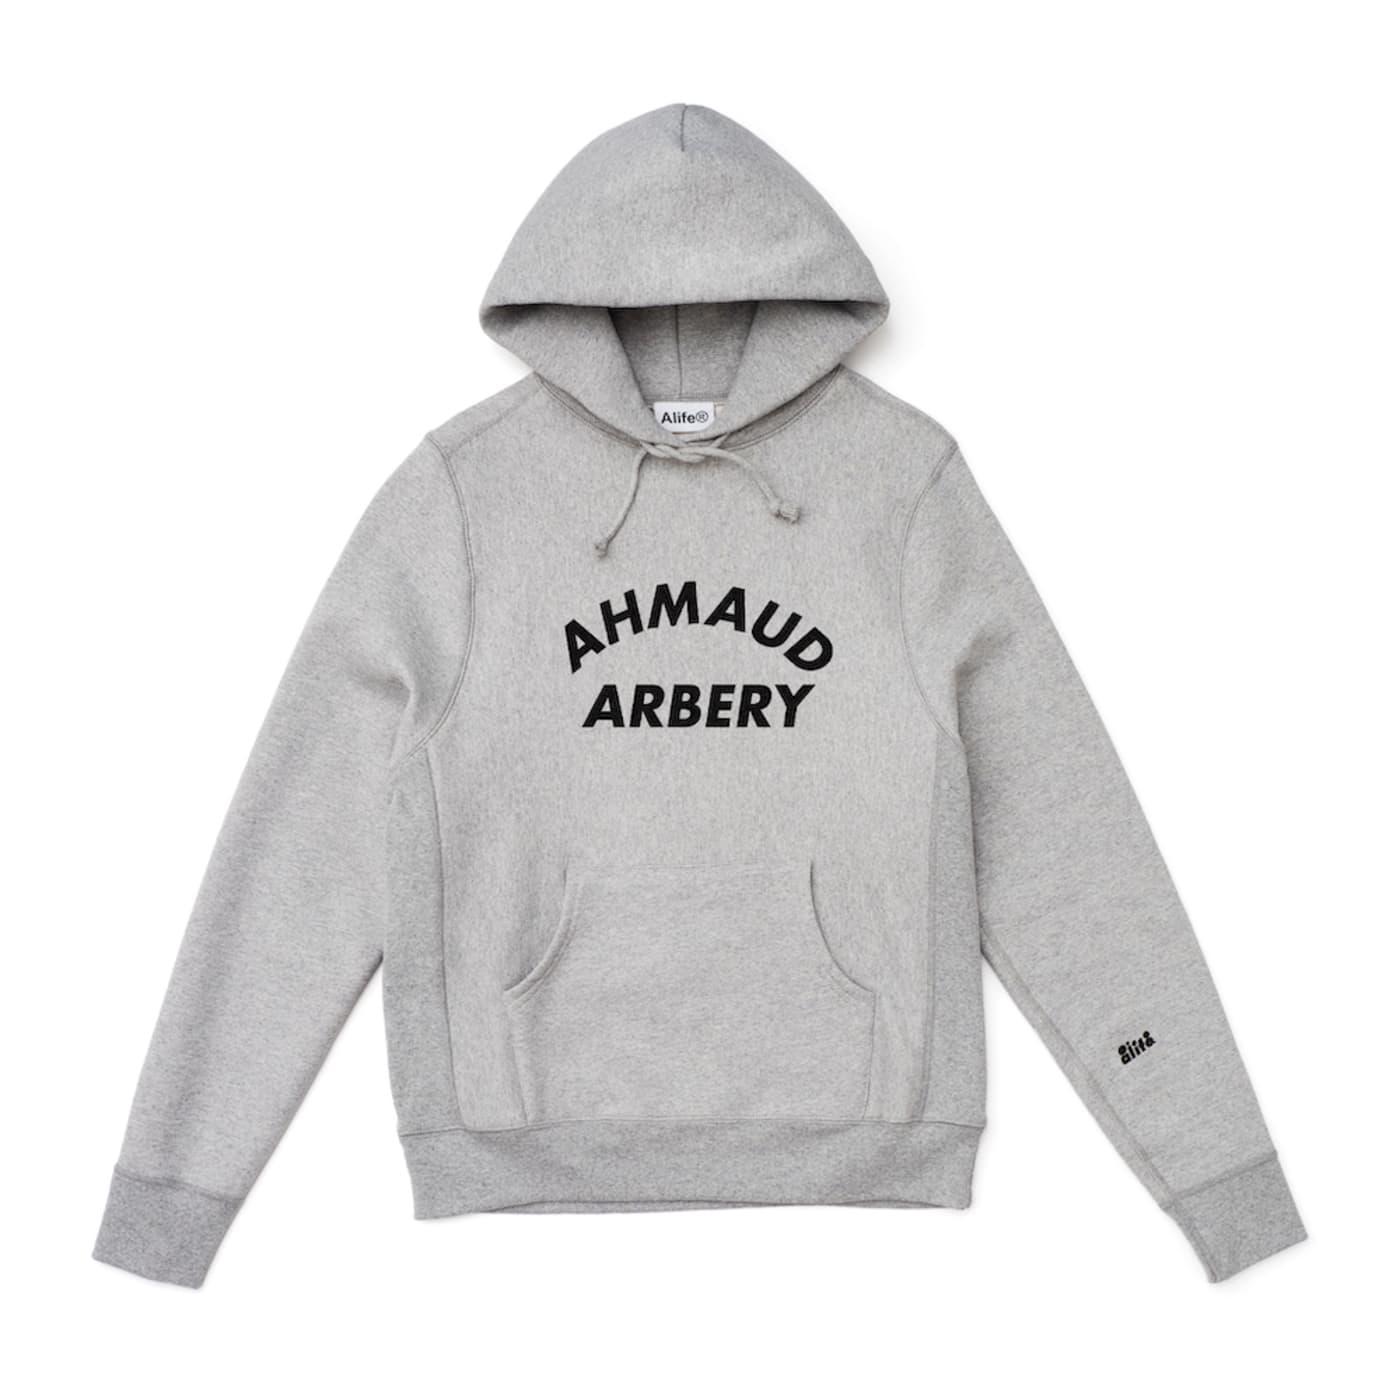 ahmaud arbery hoodie alife